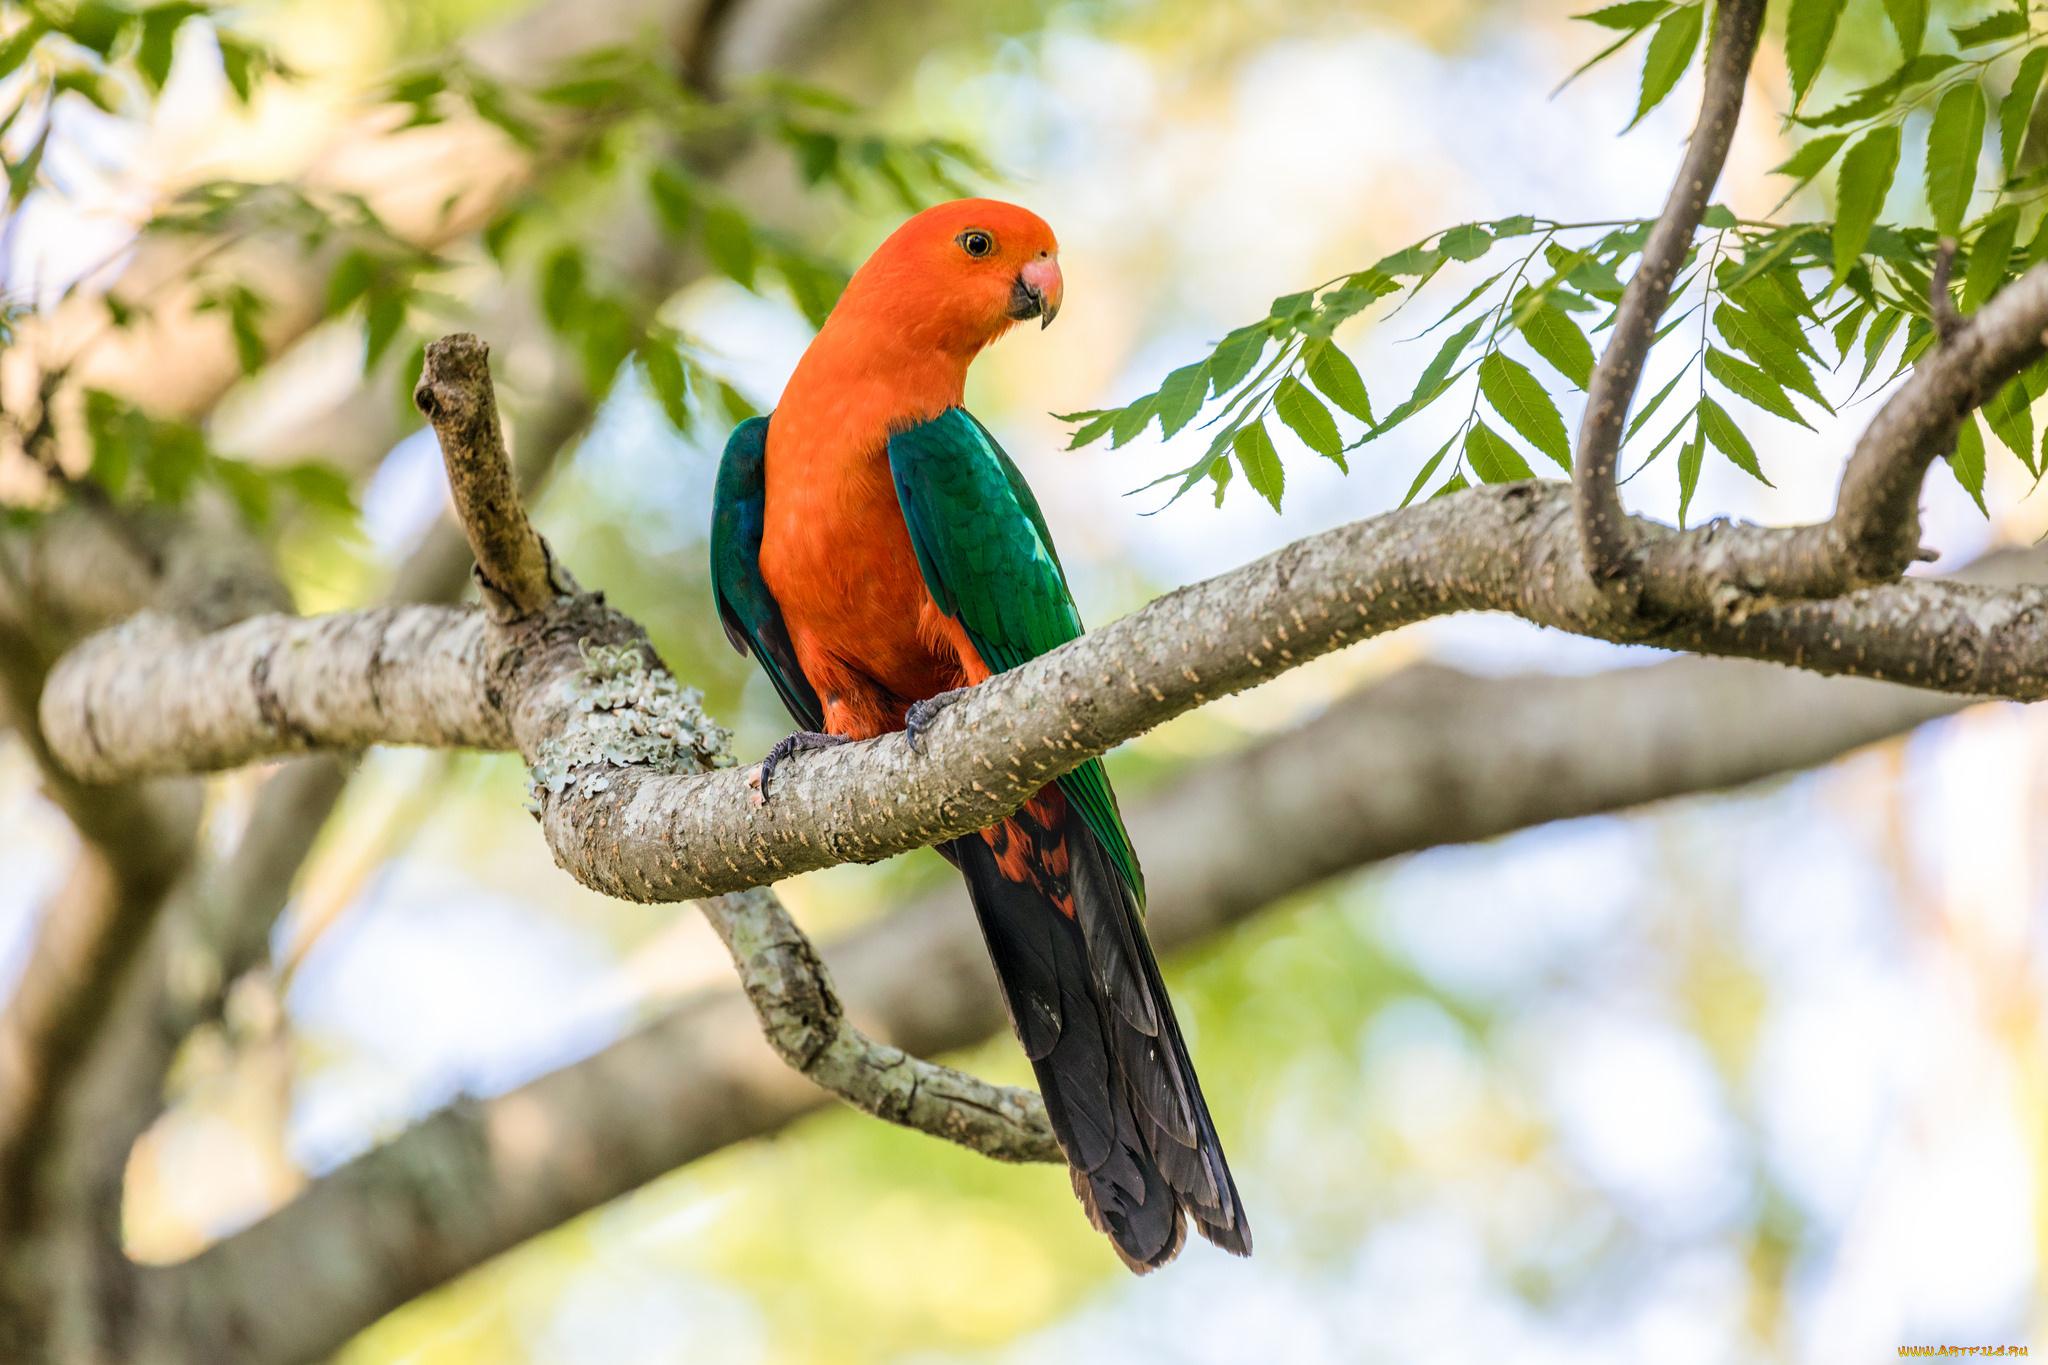 природа животные птицы попугаи  № 103530 бесплатно